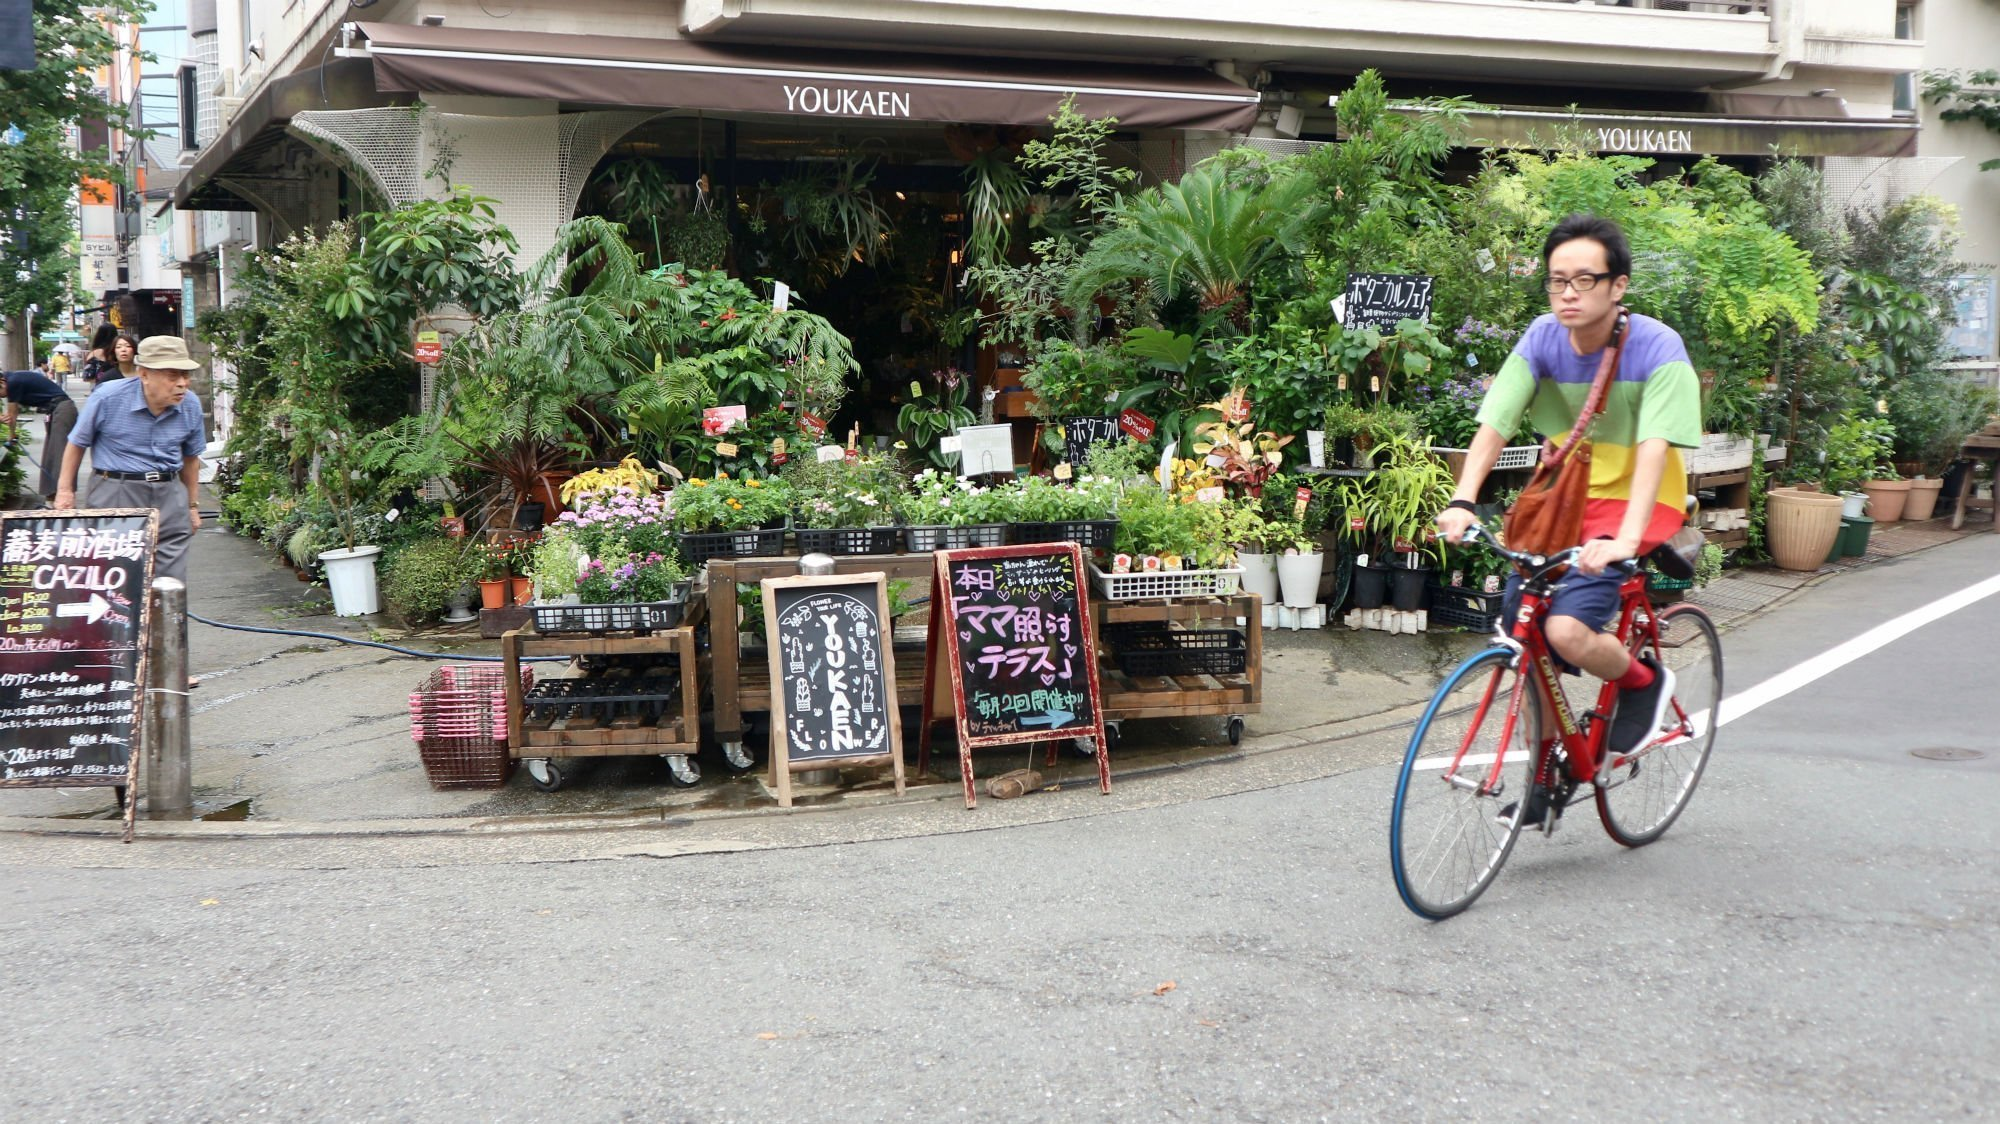 shimokitazawa VIAGGIO A TOKYO